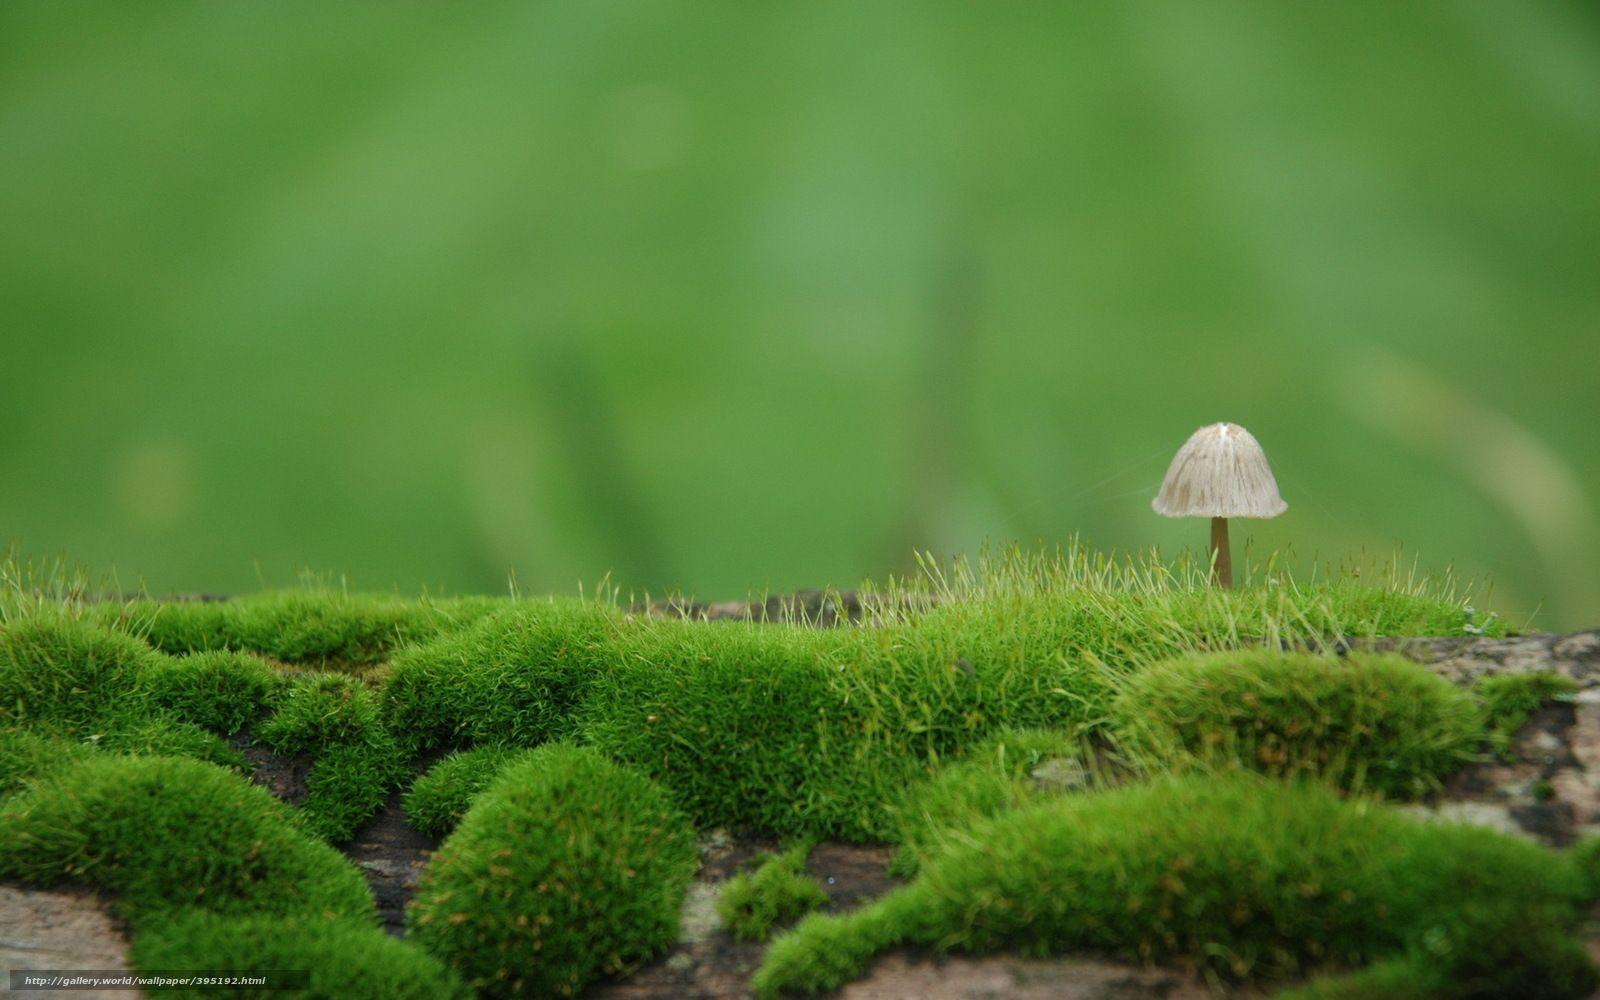 Tlcharger Fond d'ecran champignon,  mousse,  Nature Fonds d'ecran gratuits pour votre rsolution du bureau 1680x1050 — image №395192